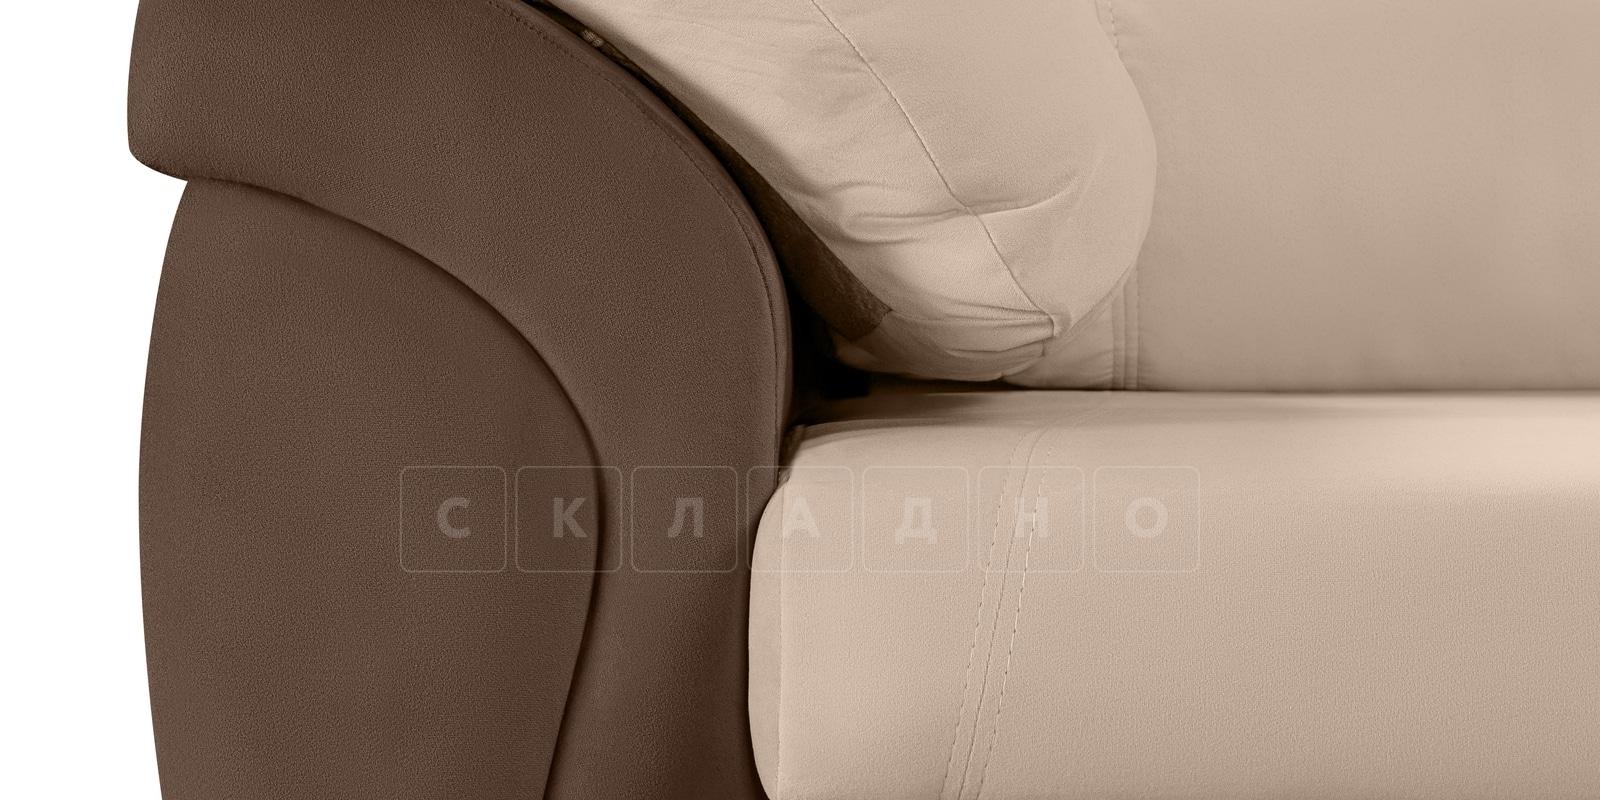 Диван Бристоль велюр бежевый с коричневым фото 6 | интернет-магазин Складно